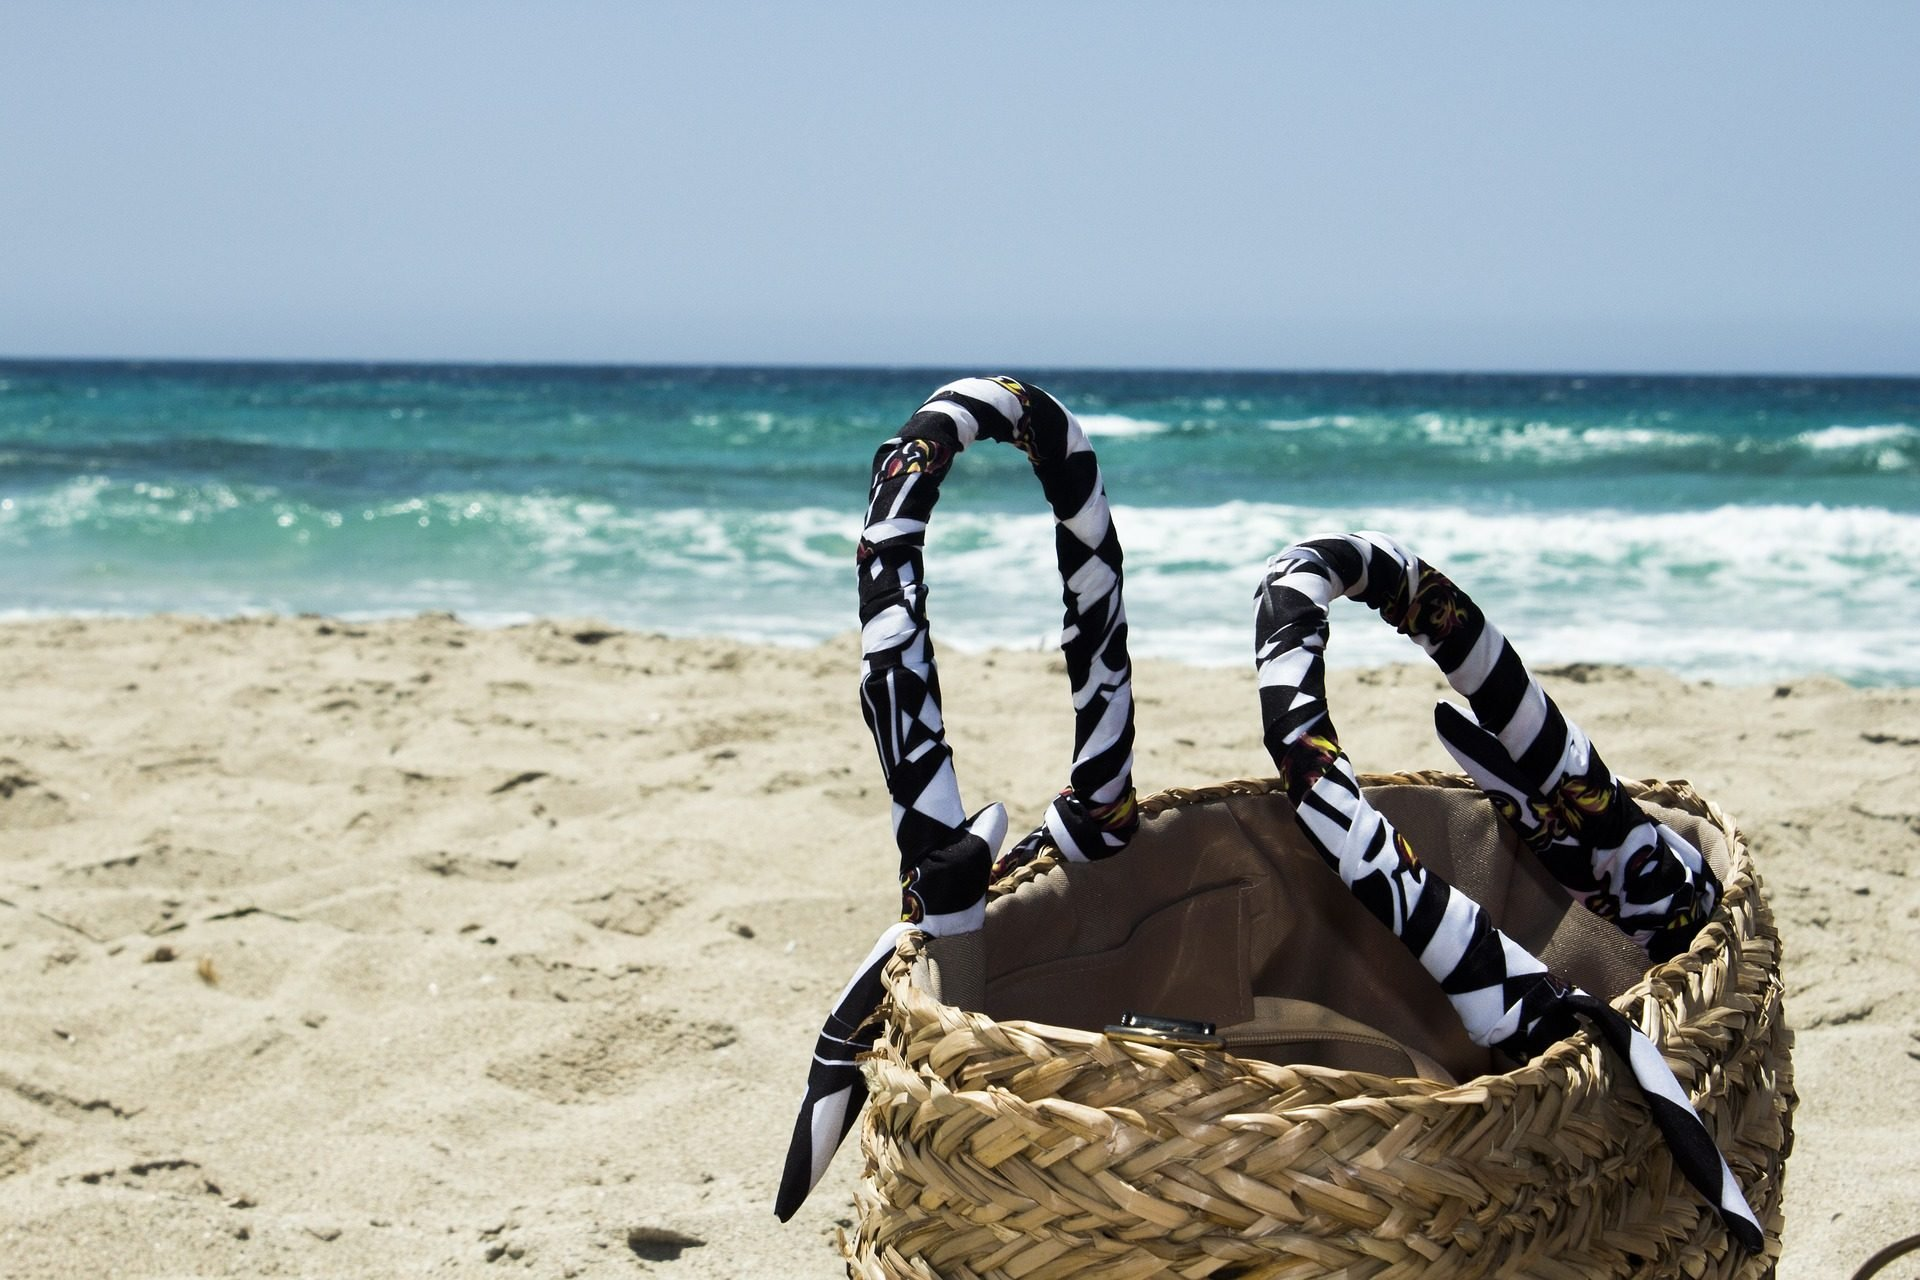 AuBer Borsa da Spiaggia Borsa Borsa da Spiaggia Borse a Spalla Borsa Hobo Shopping Bag Borse a Tracolla Borsa a Tracolla Borsa a Tracolla Canvas Shopper per le Donne e le Ragazze /¡/